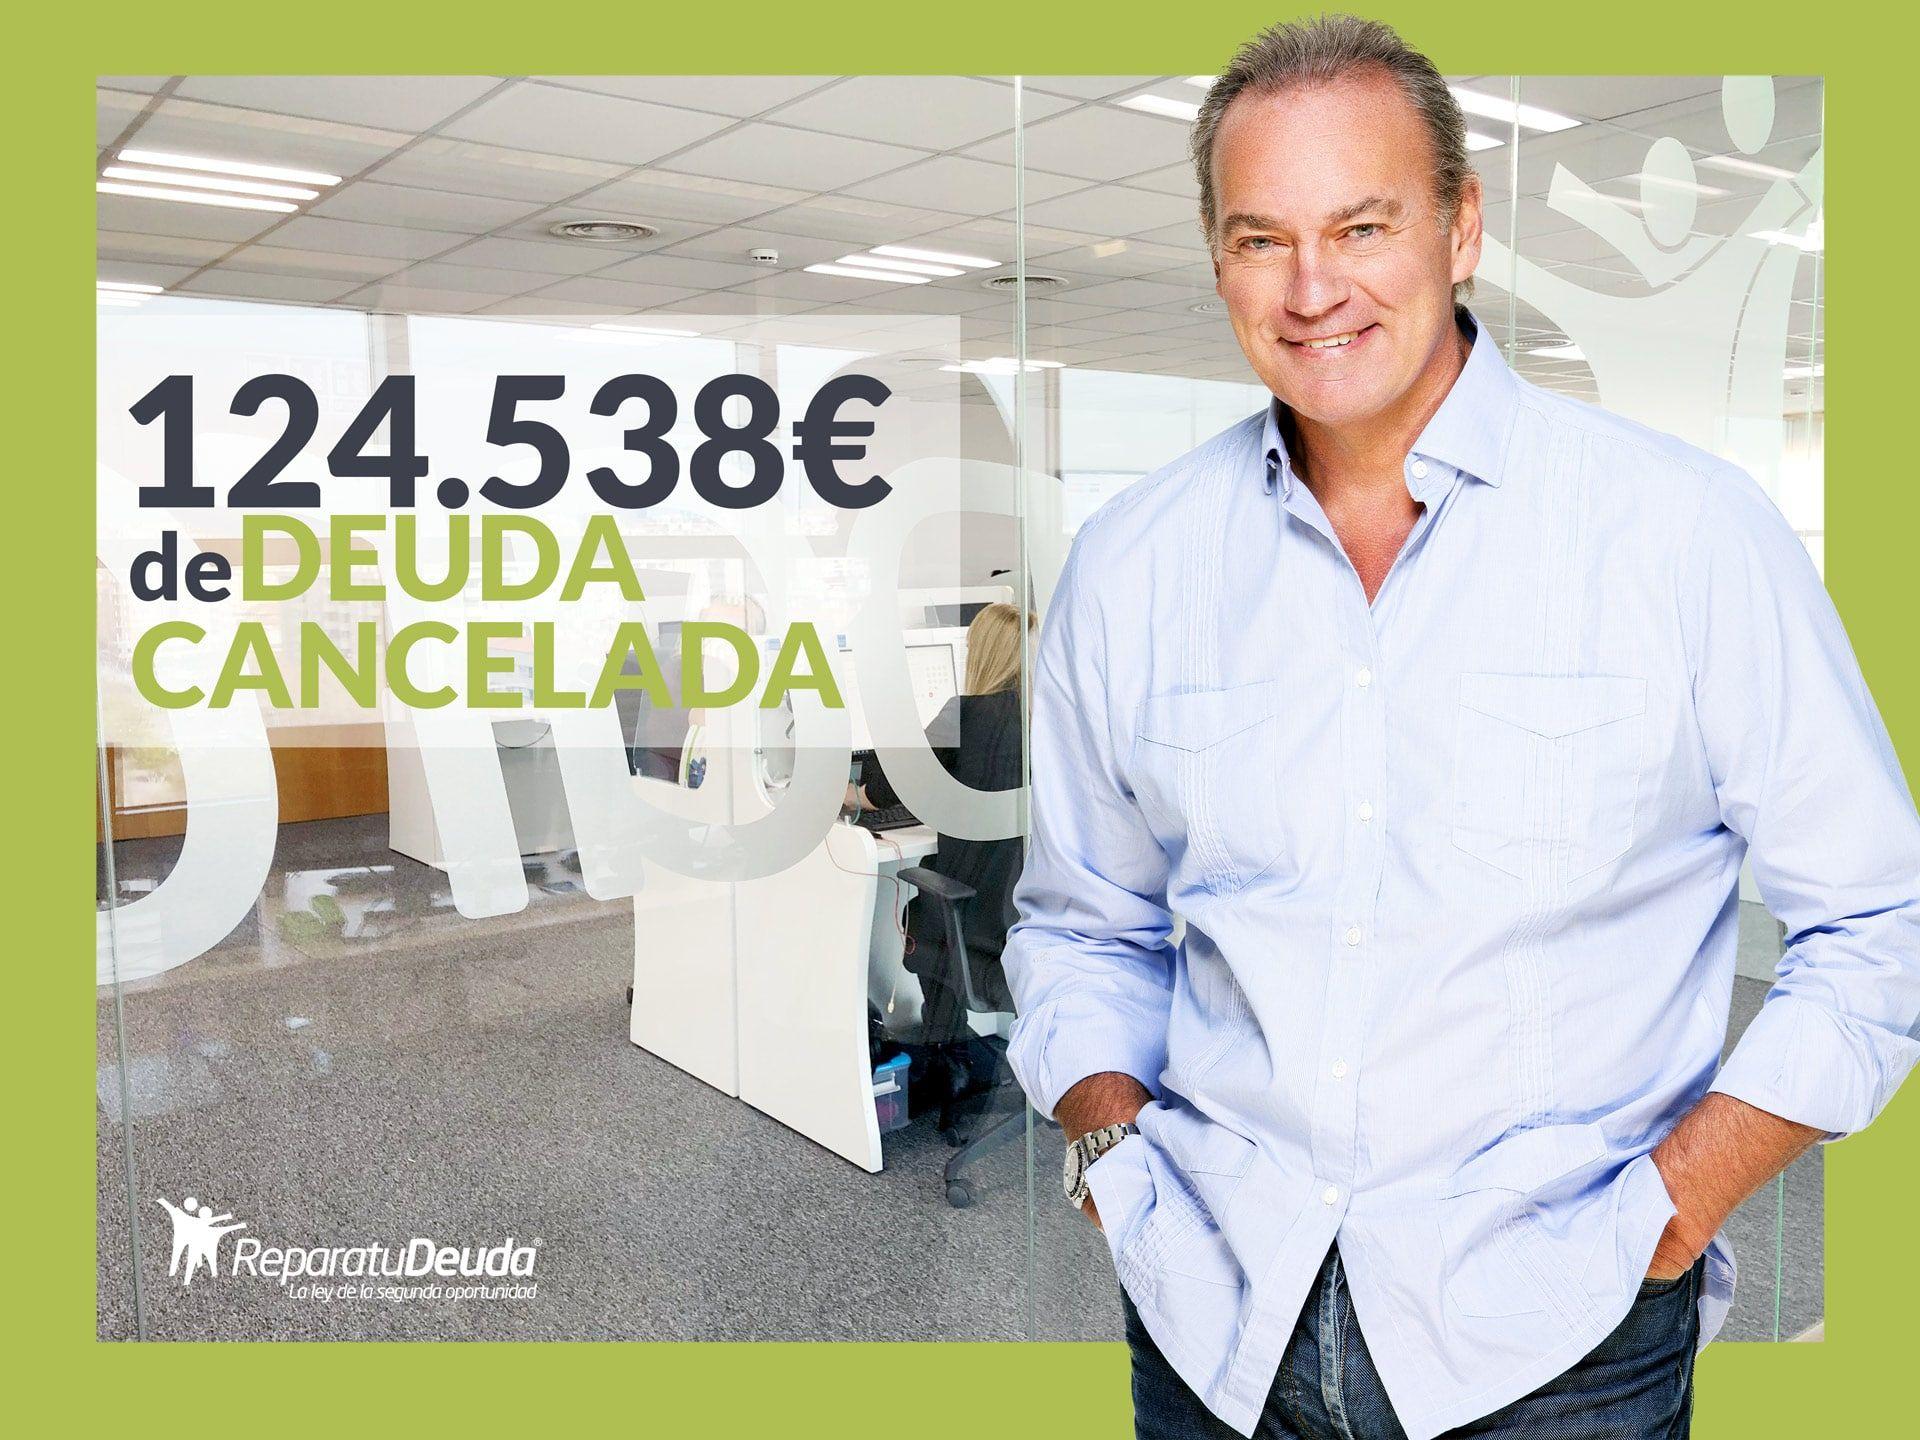 Repara tu Deuda Abogados cancela 124.538?  en Tenerife (Canarias) con la Ley de Segunda Oportunidad